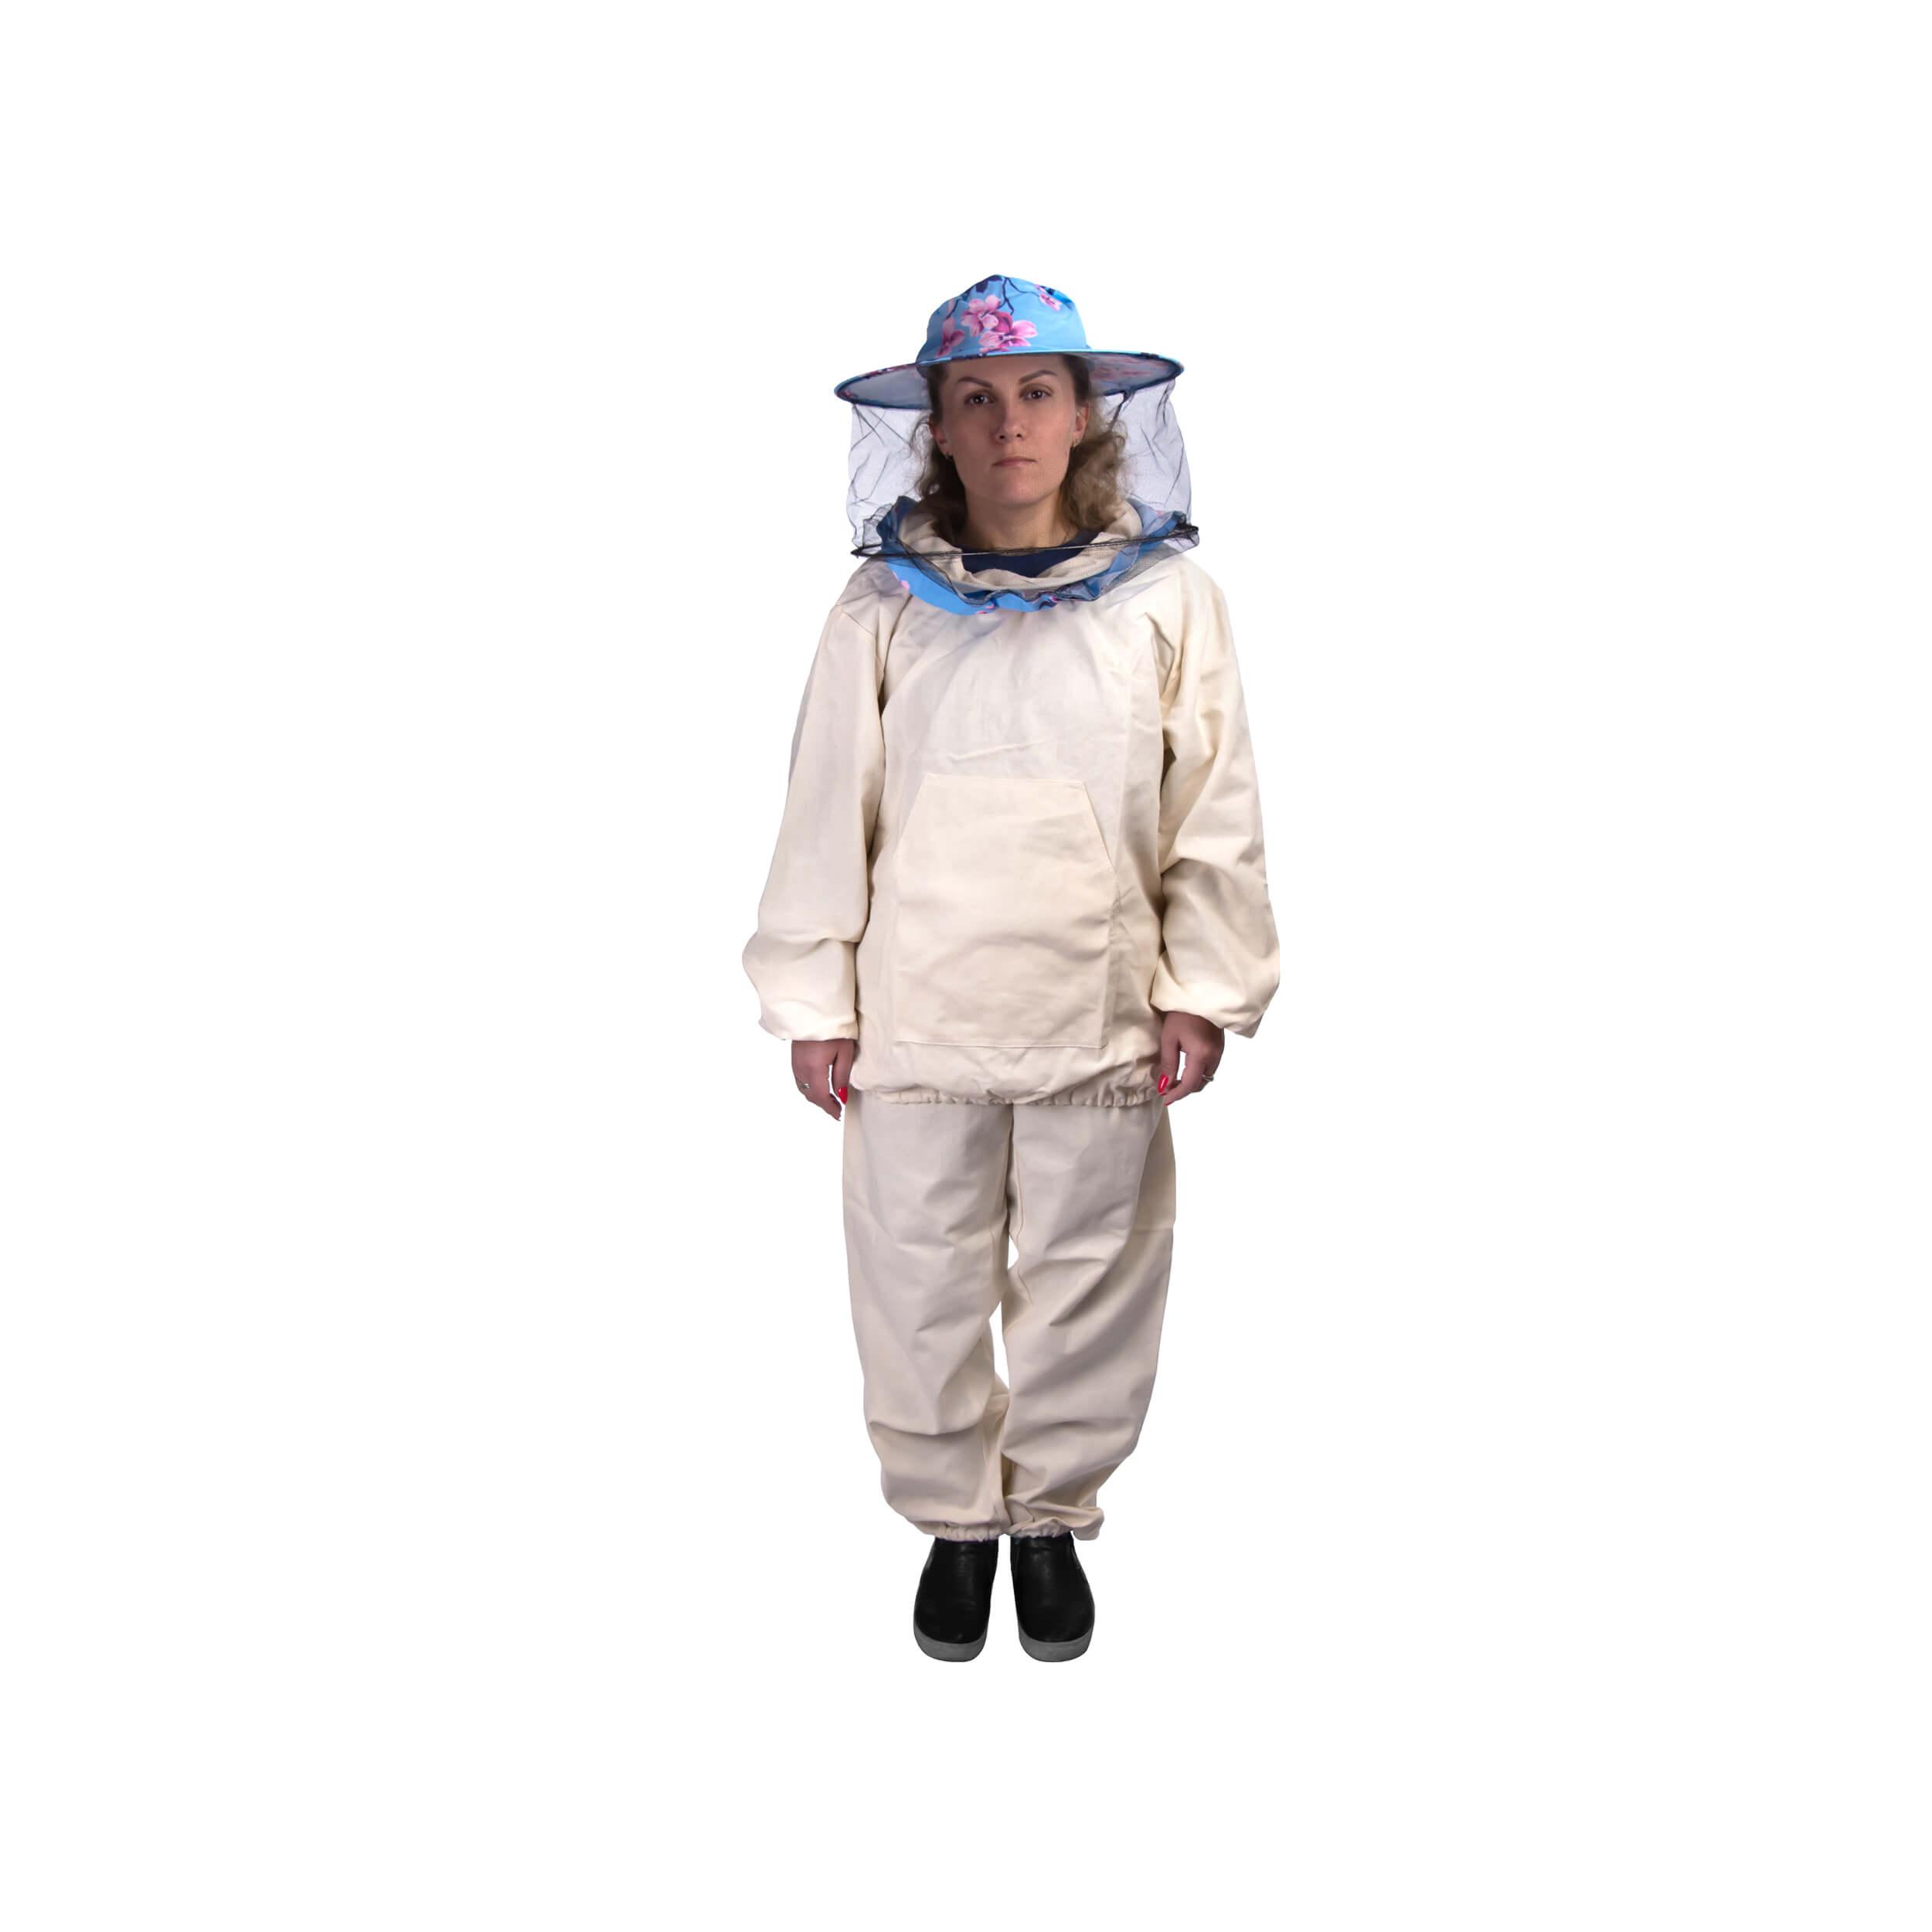 """Костюм пчеловода """"Пчеландия-ЭКО"""" легкий с кольцом + лицевая сетка (размер 42-44) фото"""